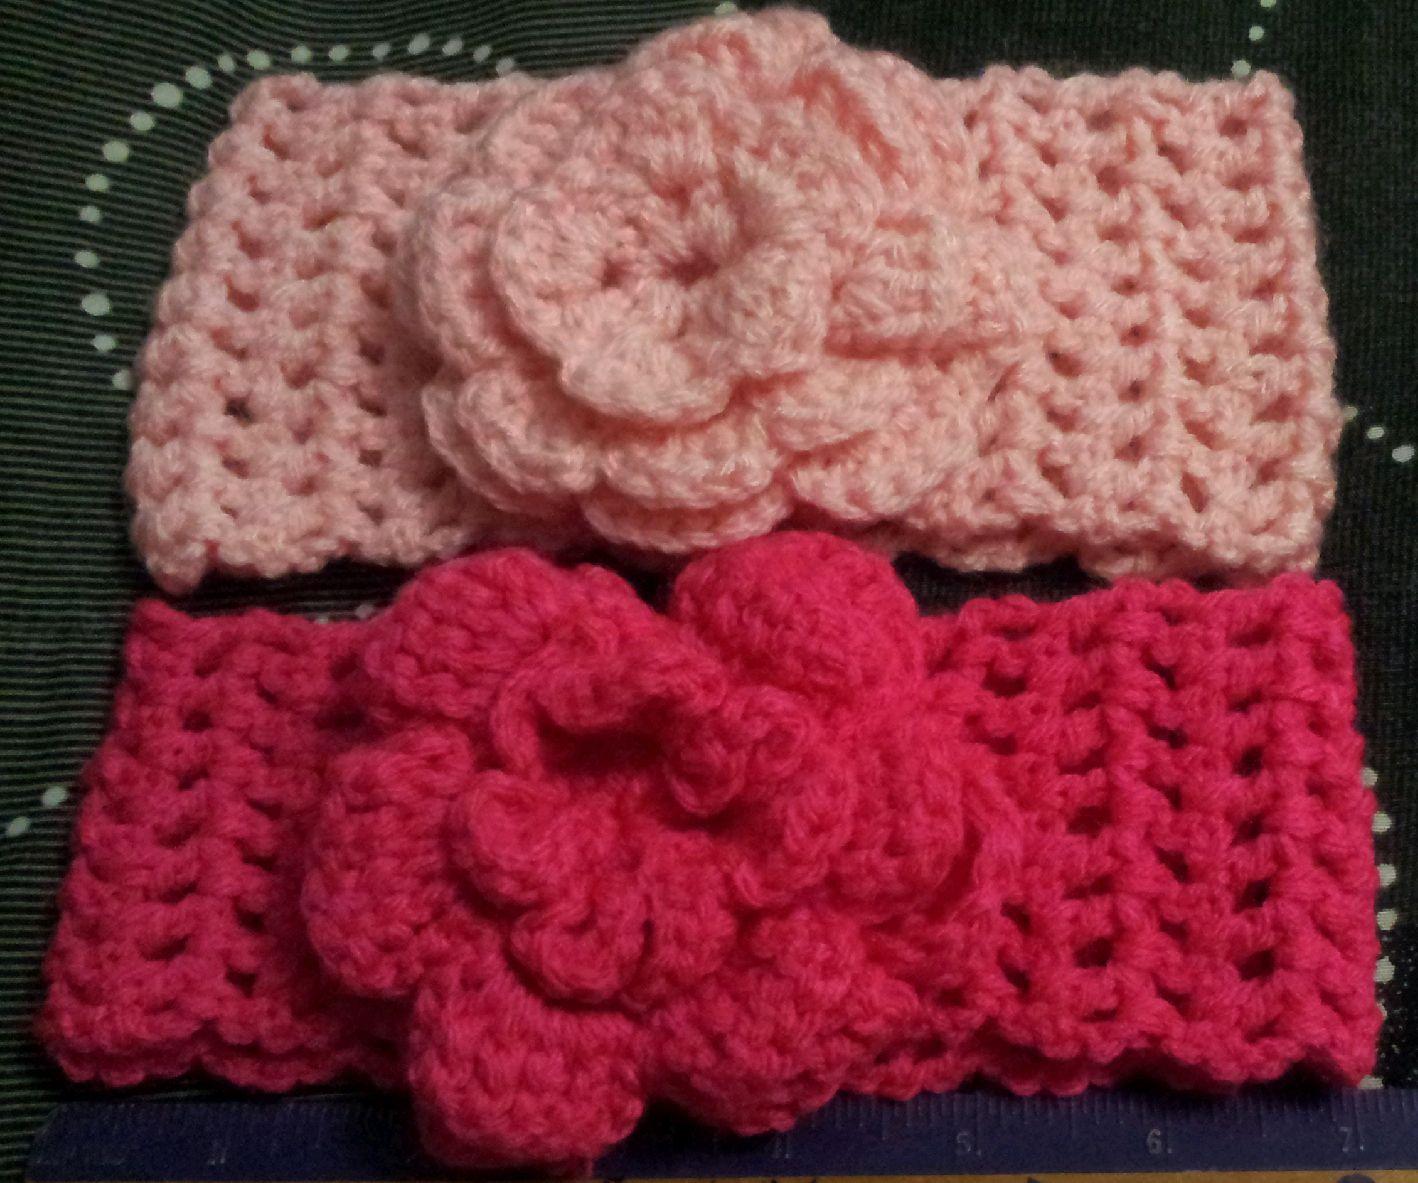 Diademas crochet | DIADEMAS | Pinterest | Mimos, Accesorios y Tejido